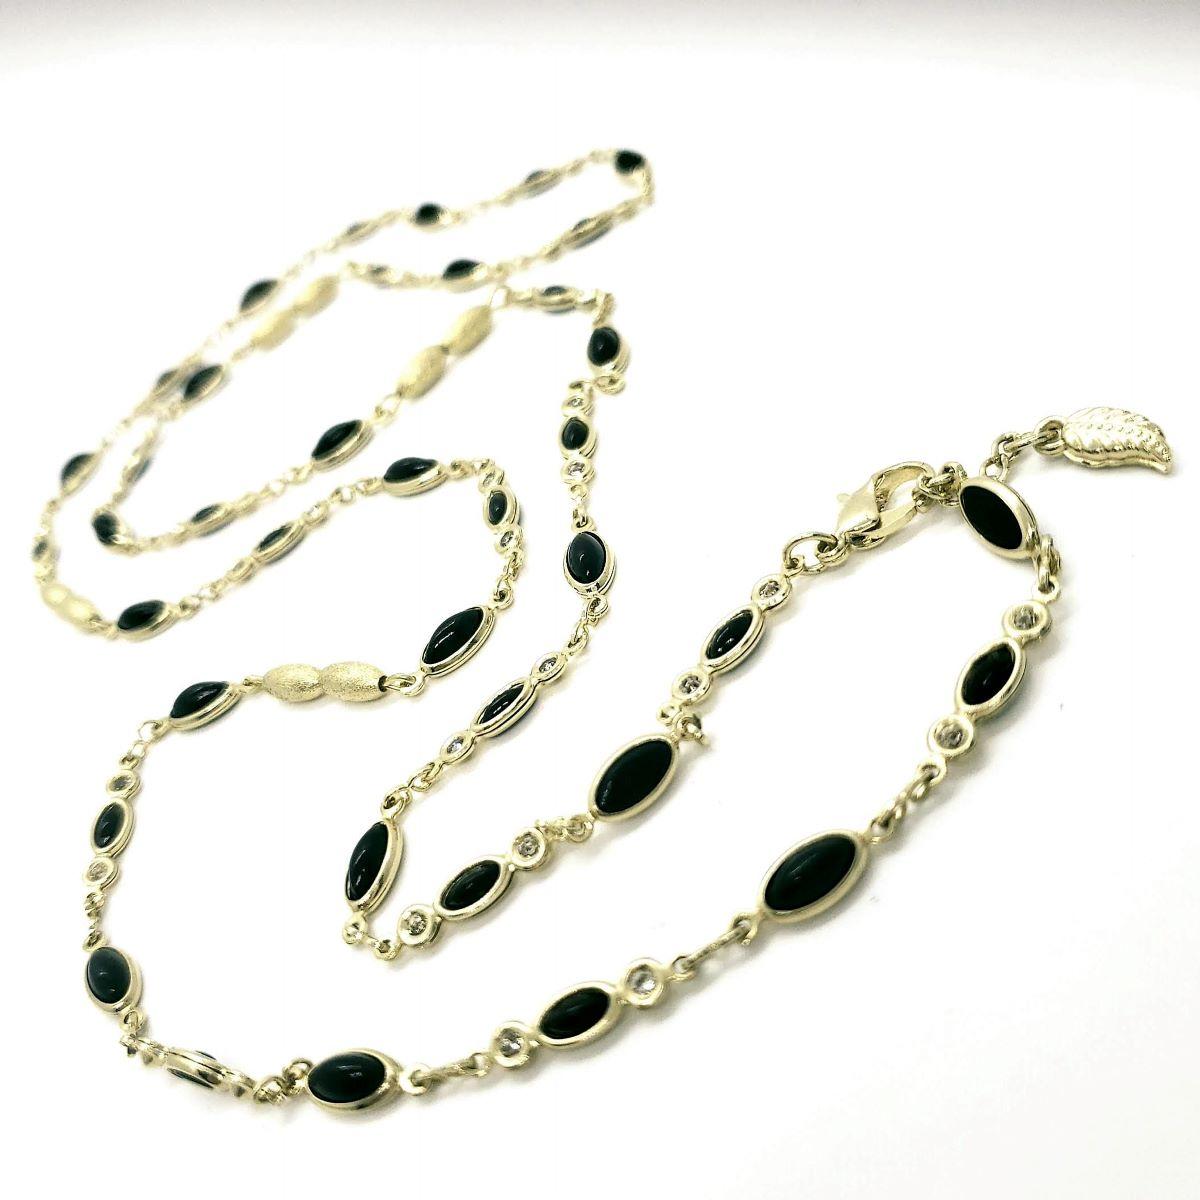 Colar Zirconias E Navetes Negras Com Entremeios Arroz 85cm Banho De Ouro 18k 4678